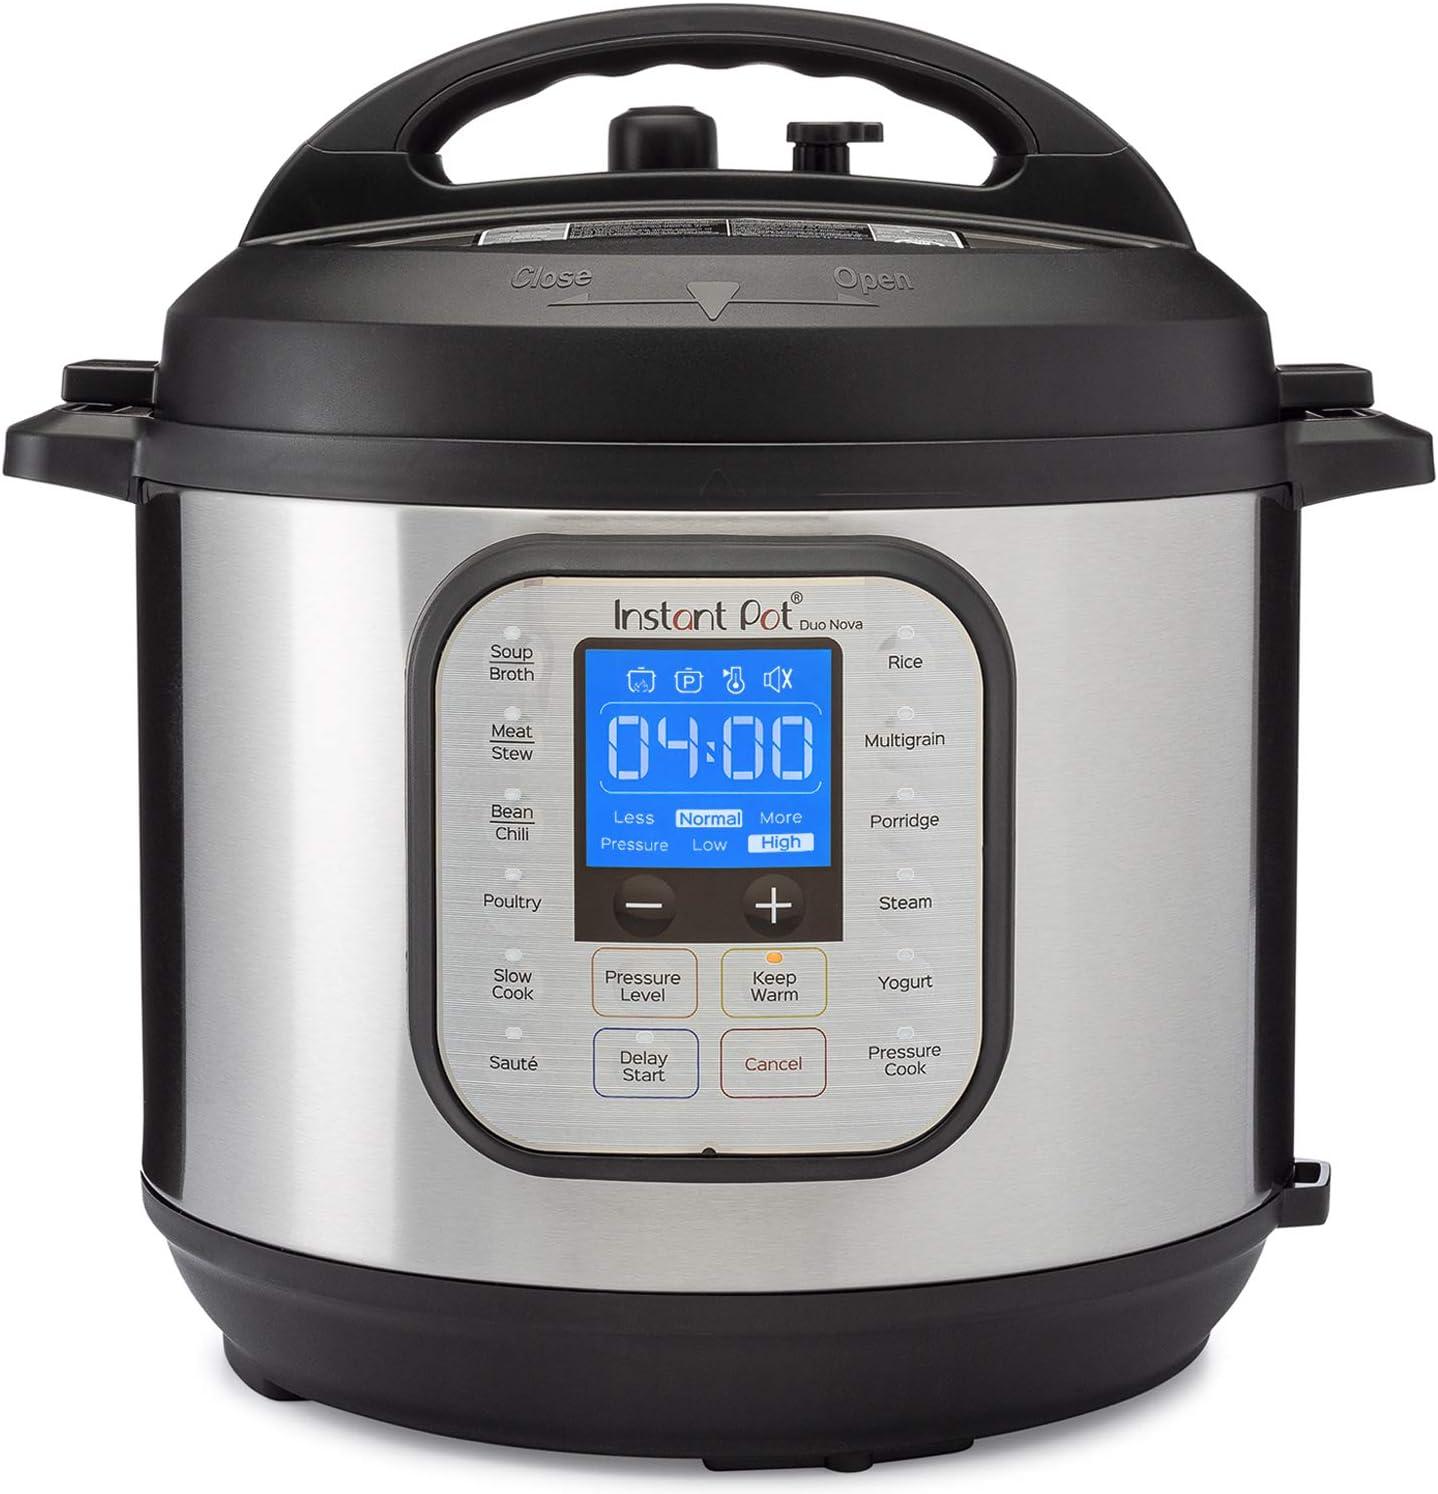 新款Instant Pot 七合一电压力锅,新手可以变厨神